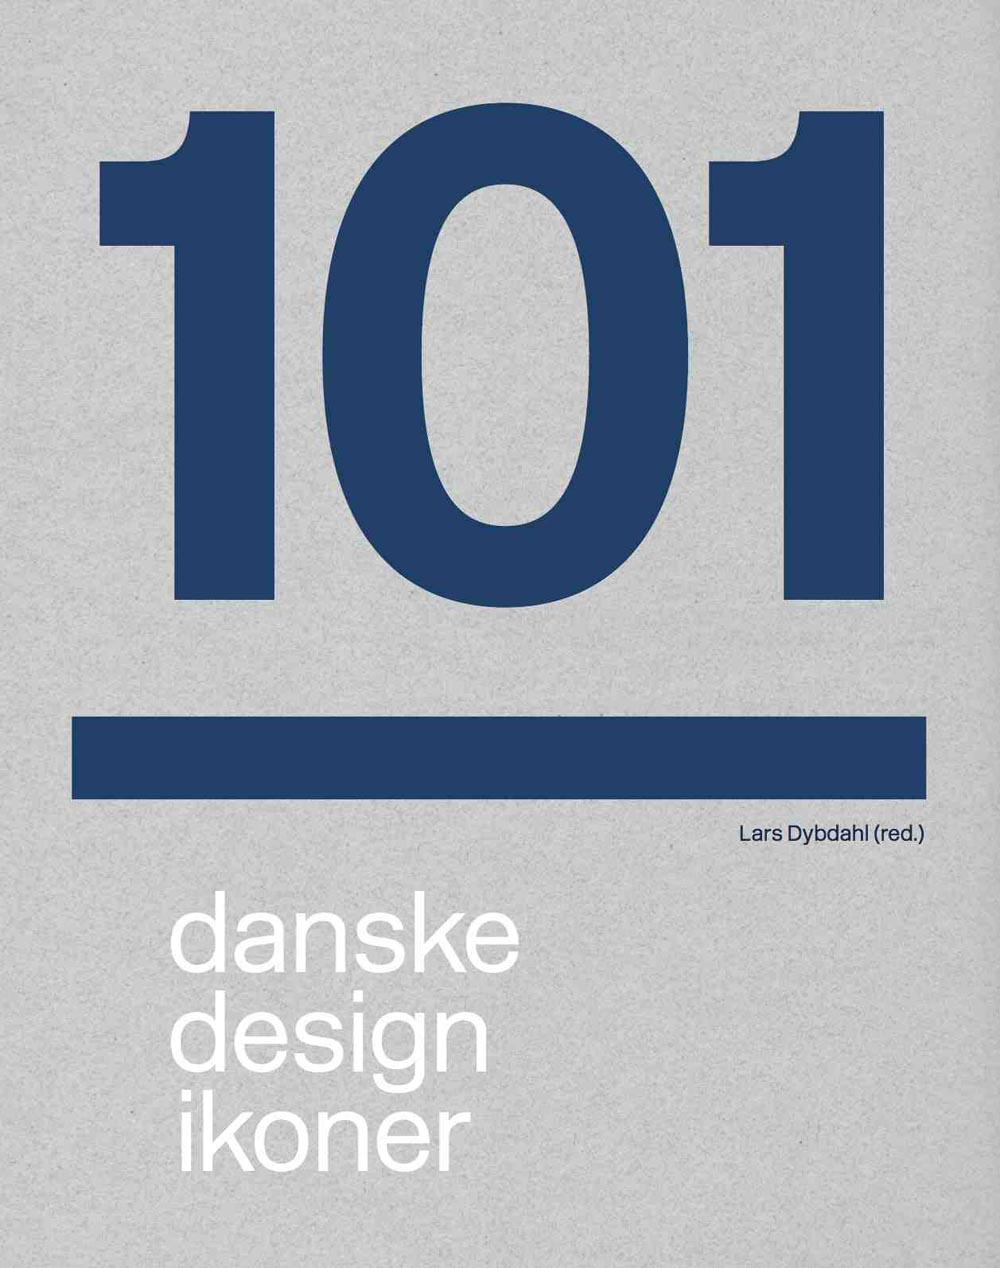 101-danske-design-ikoner - forside